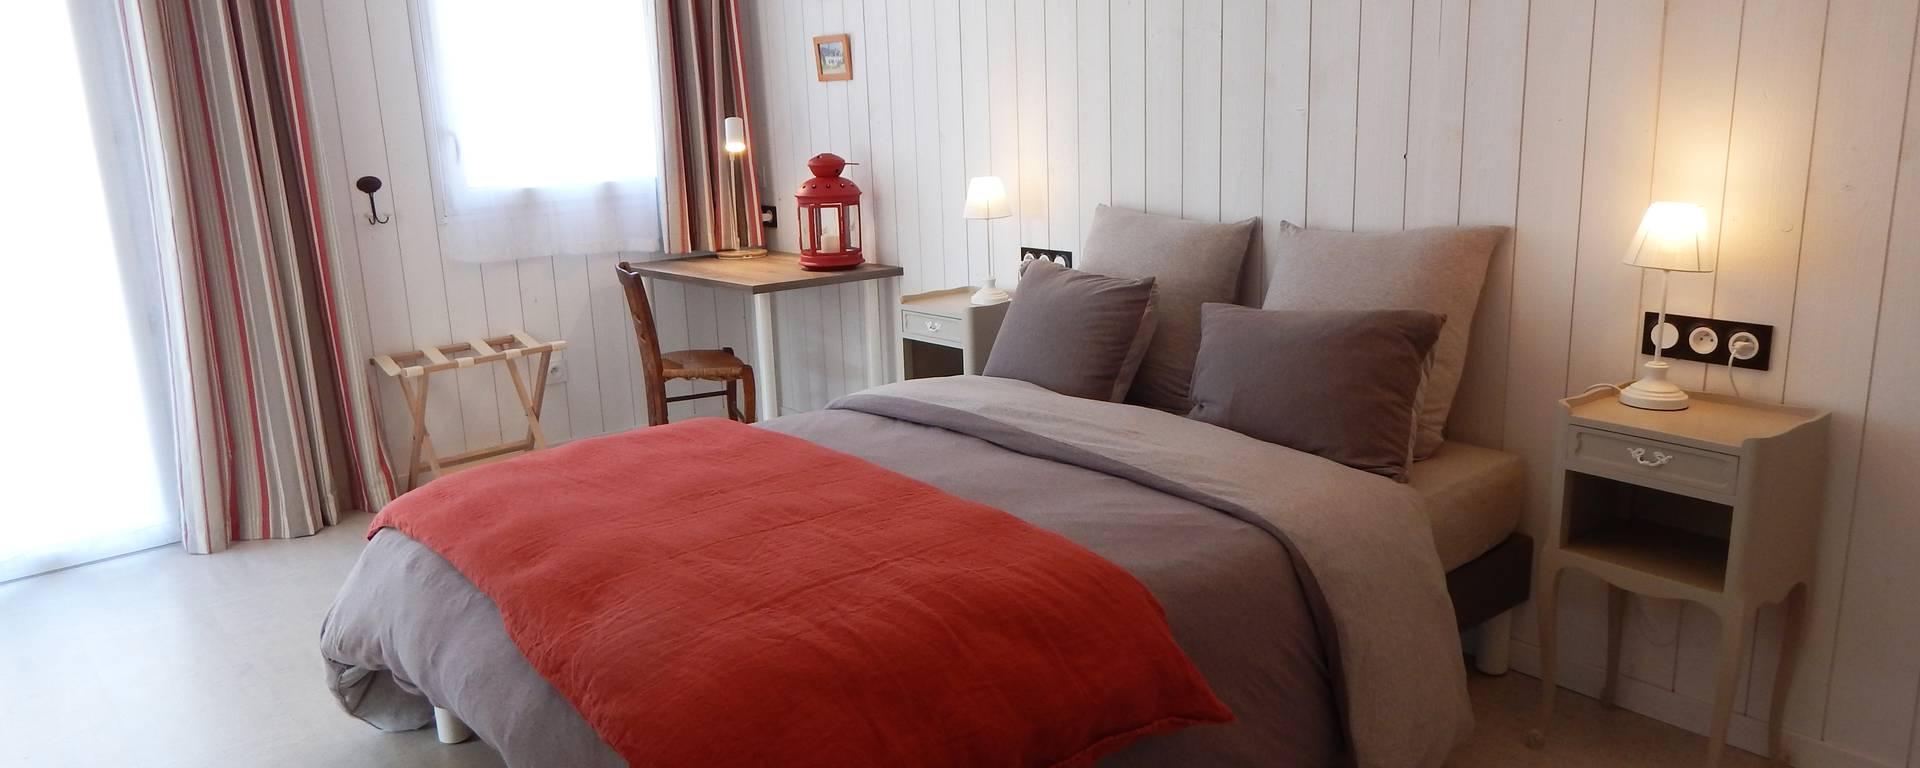 Que faire, que visiter à Loctudy ?  Chambres d'hôtes classées - Balade Océane - Loctudy ©Duranel